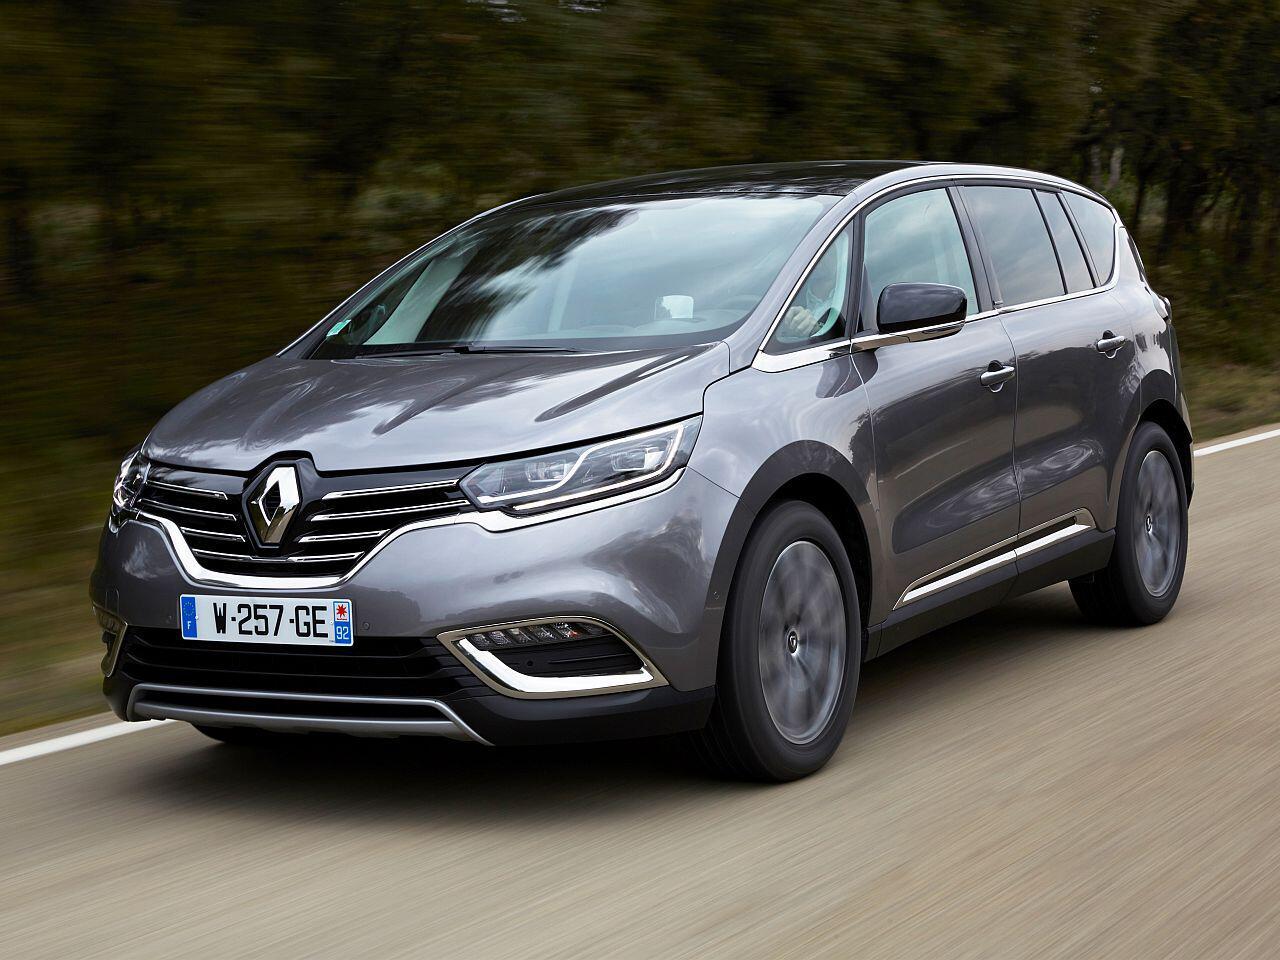 Bild zu 9. Platz: Renault Espace